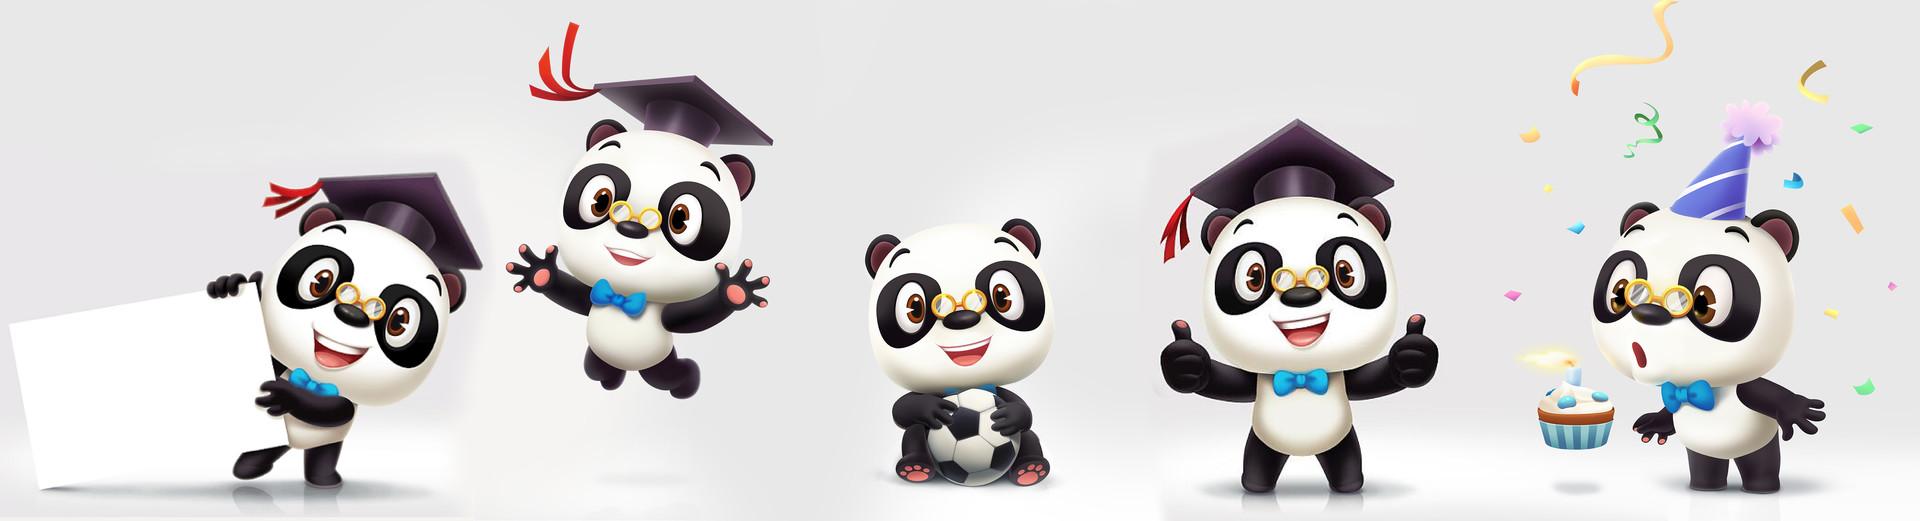 Thu phan pandaposes 03